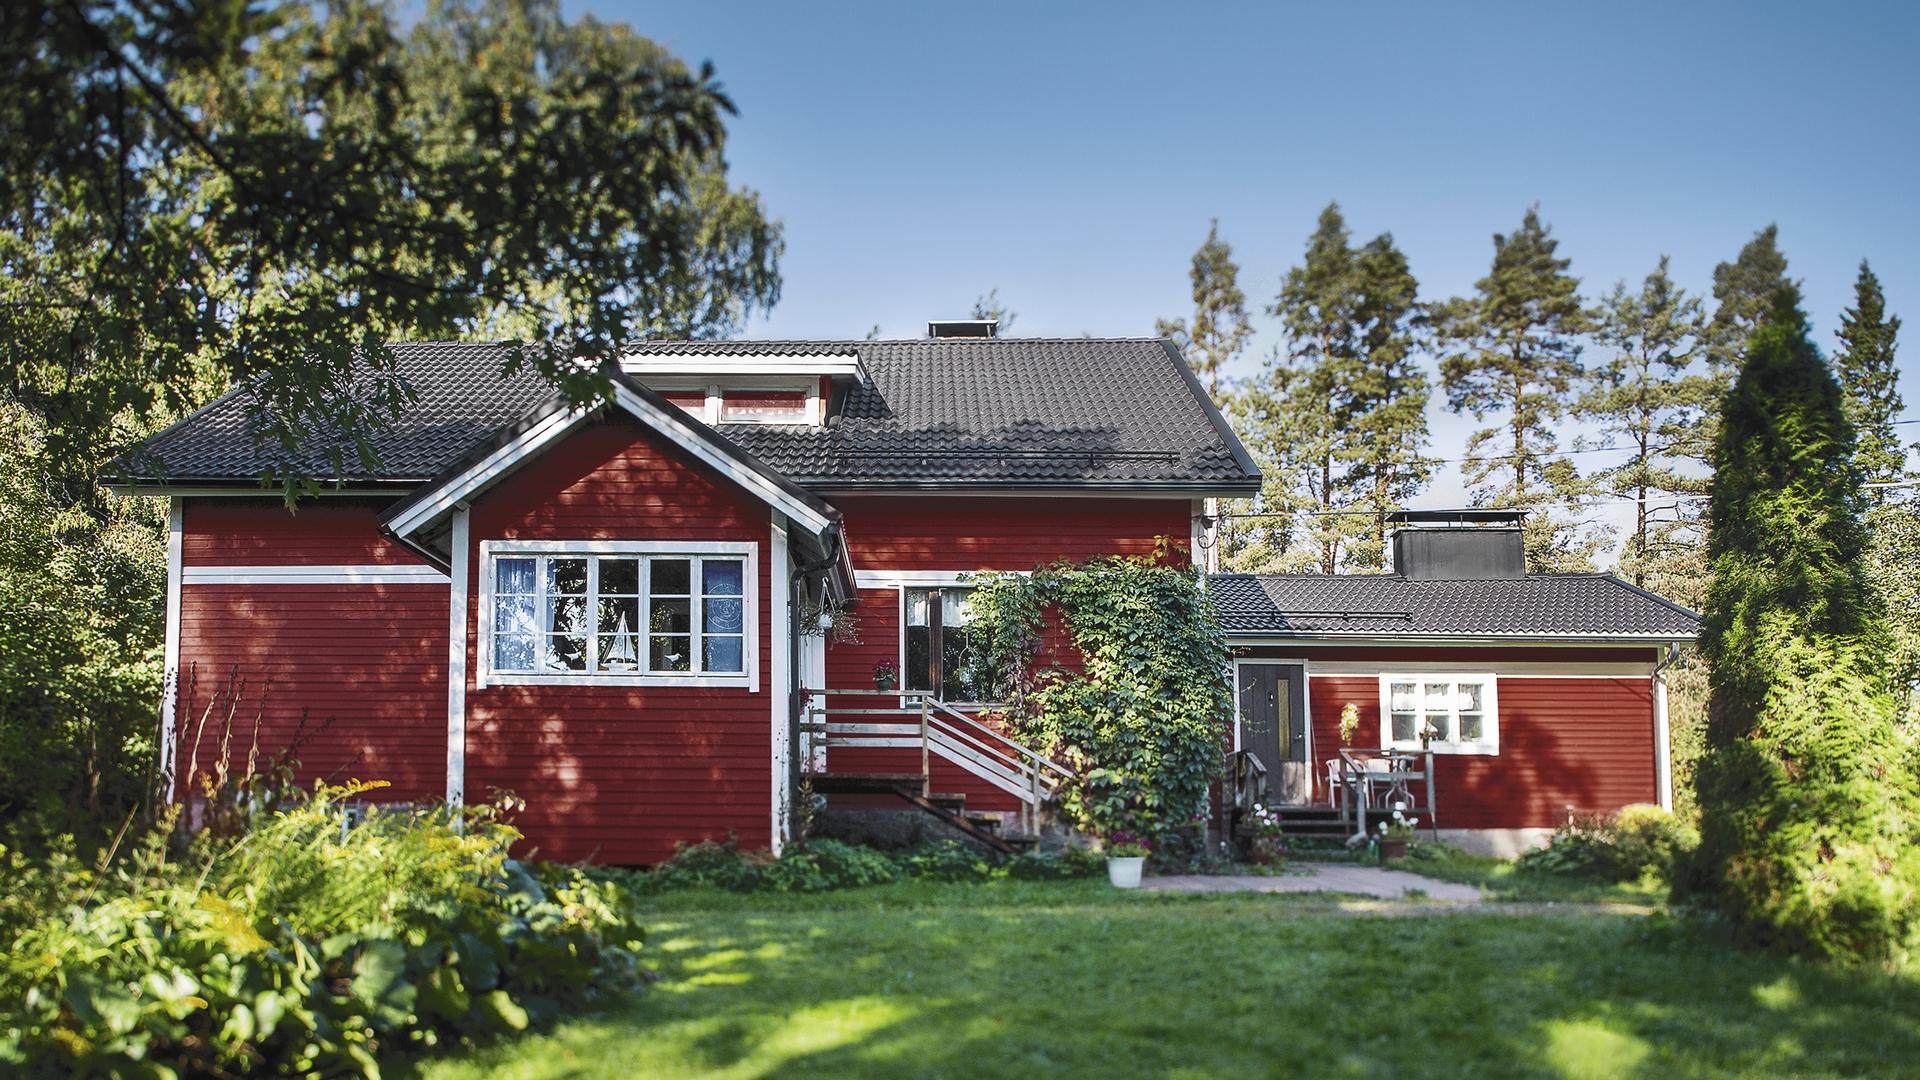 Suomalaiseen arkkitehtuuriin ja maisemaan sopiva Ormax betonitiilikatto on kestävä, äänetön ja talon arvoa nostava vesikatevaihtoehto.